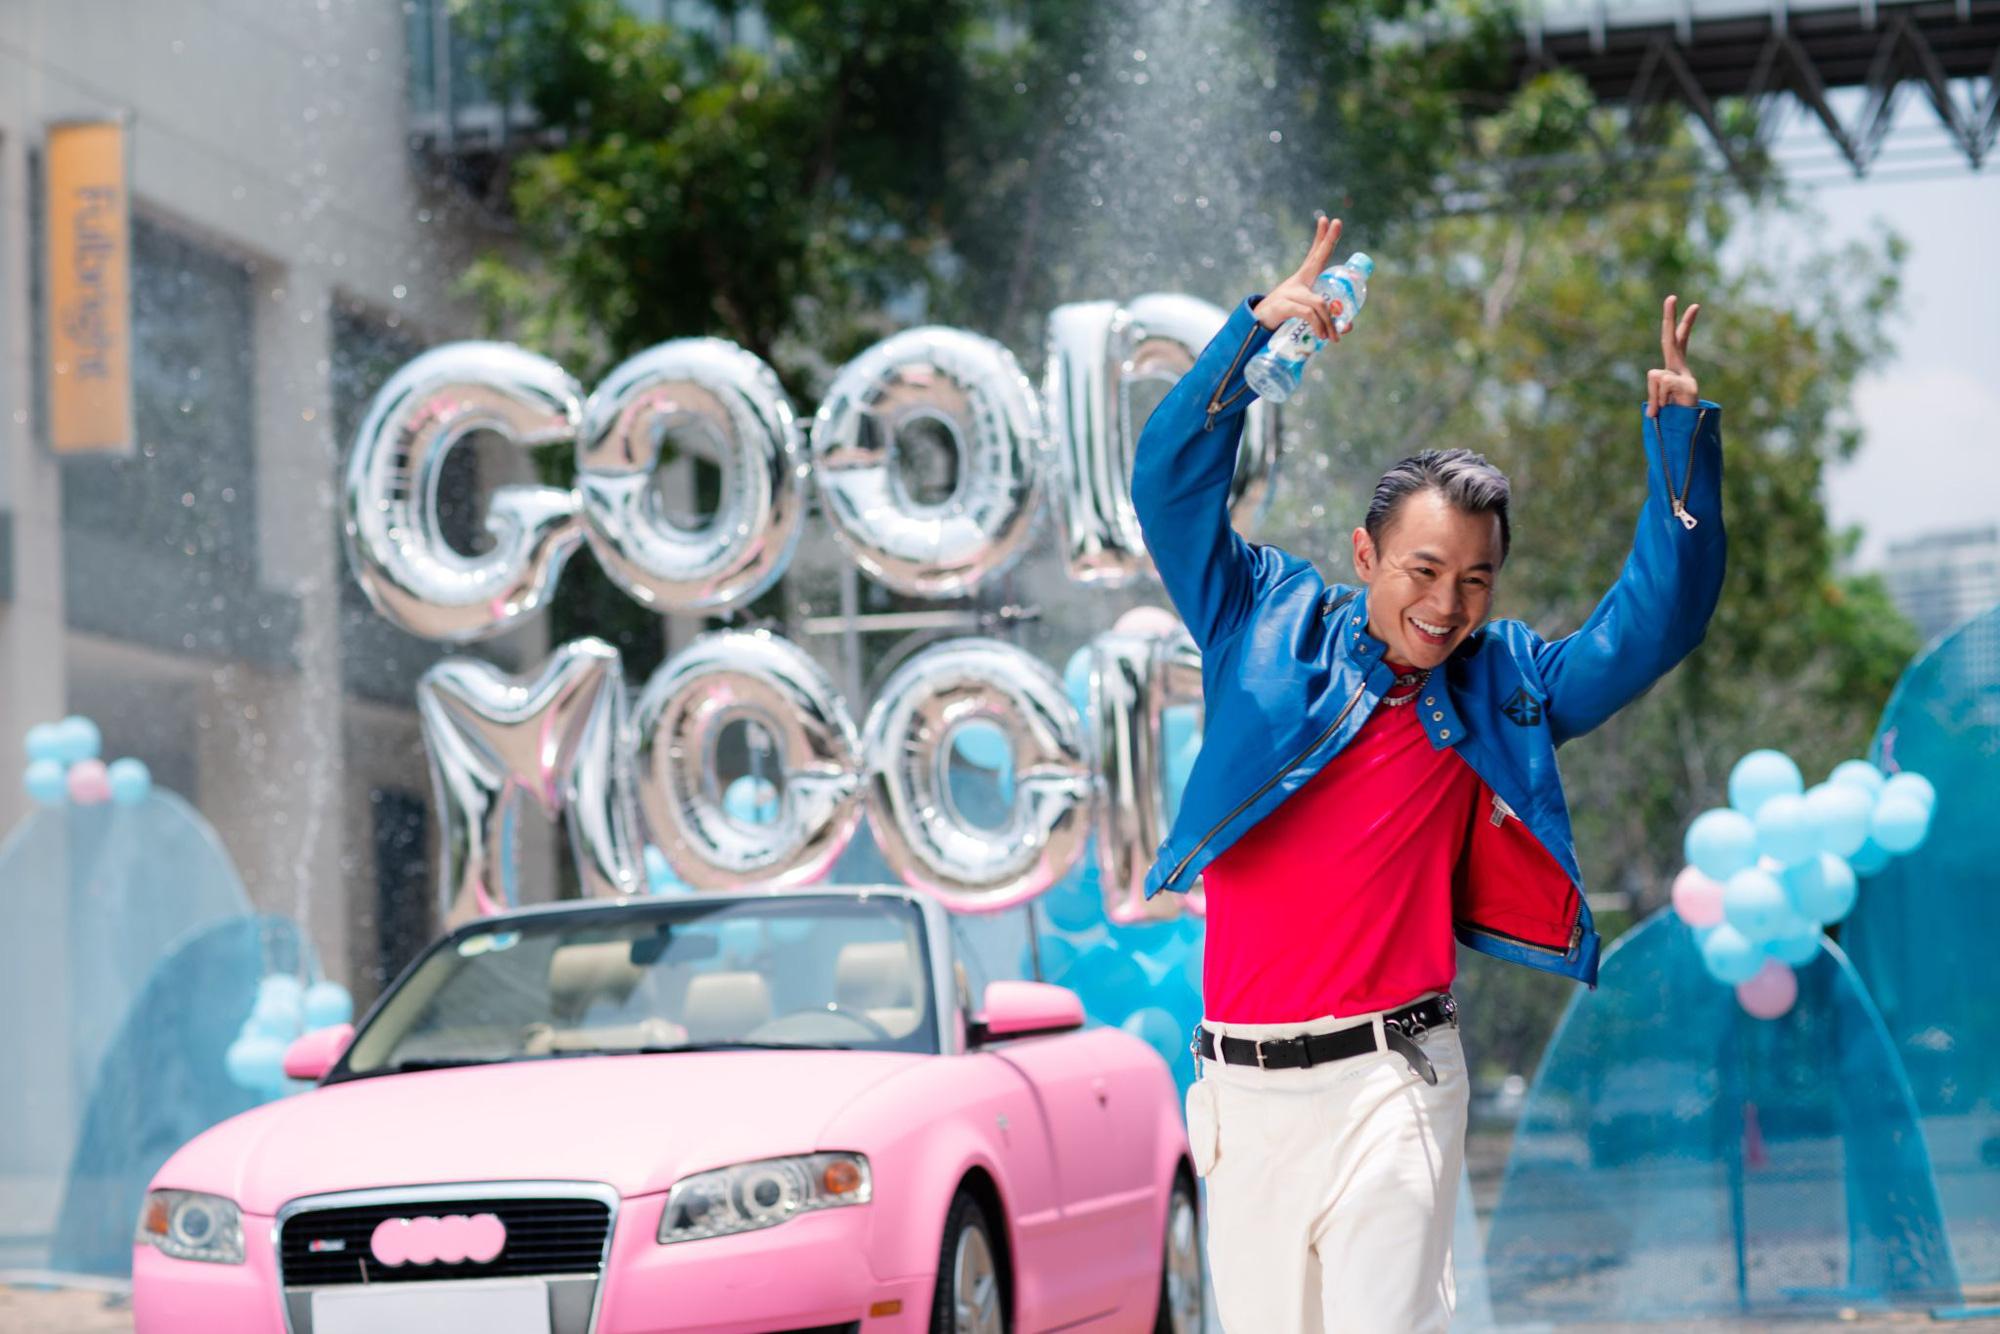 Binz thay đổi 180 độ từ phong thái đến giai điệu trong MV Ờ Mây Zing Good Mood - Ảnh 1.